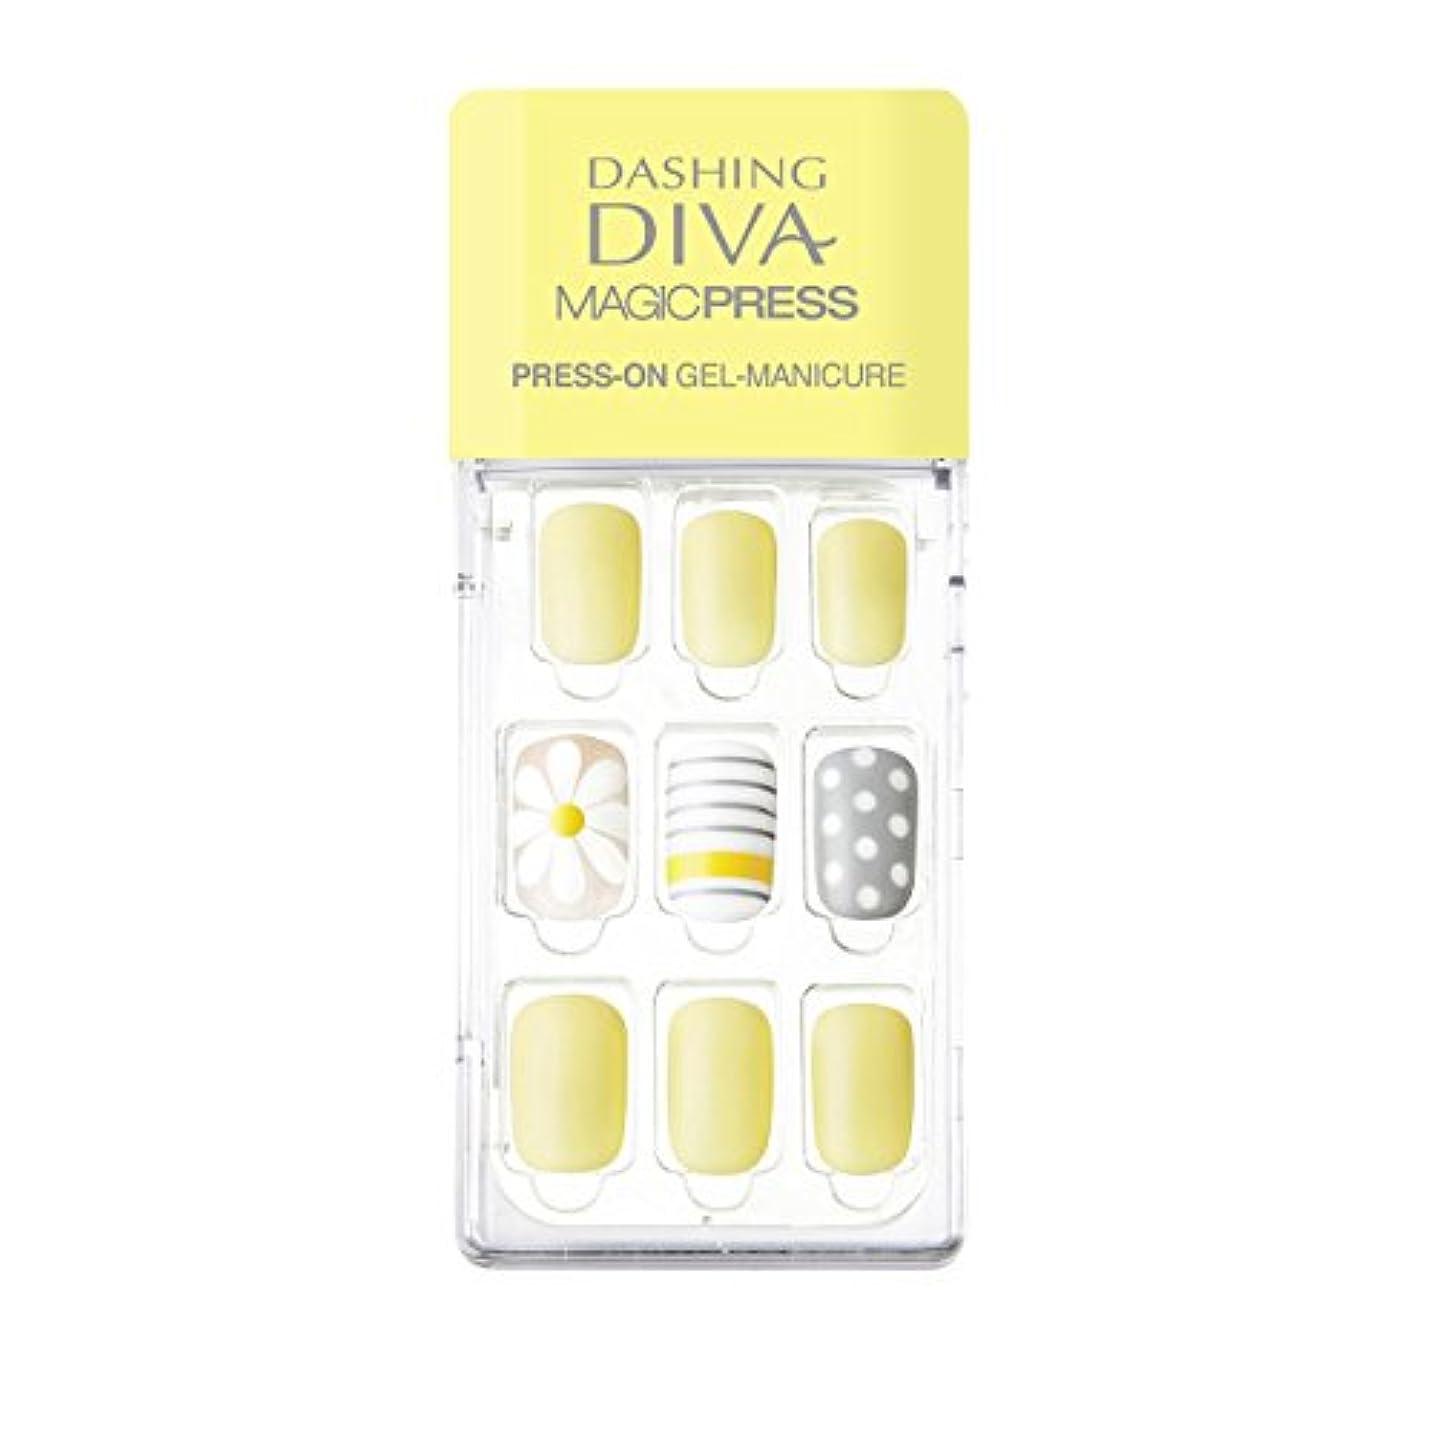 真夜中居心地の良いおかしいダッシングディバ マジックプレス DASHING DIVA MagicPress MDR135-DURY+ オリジナルジェル ネイルチップ